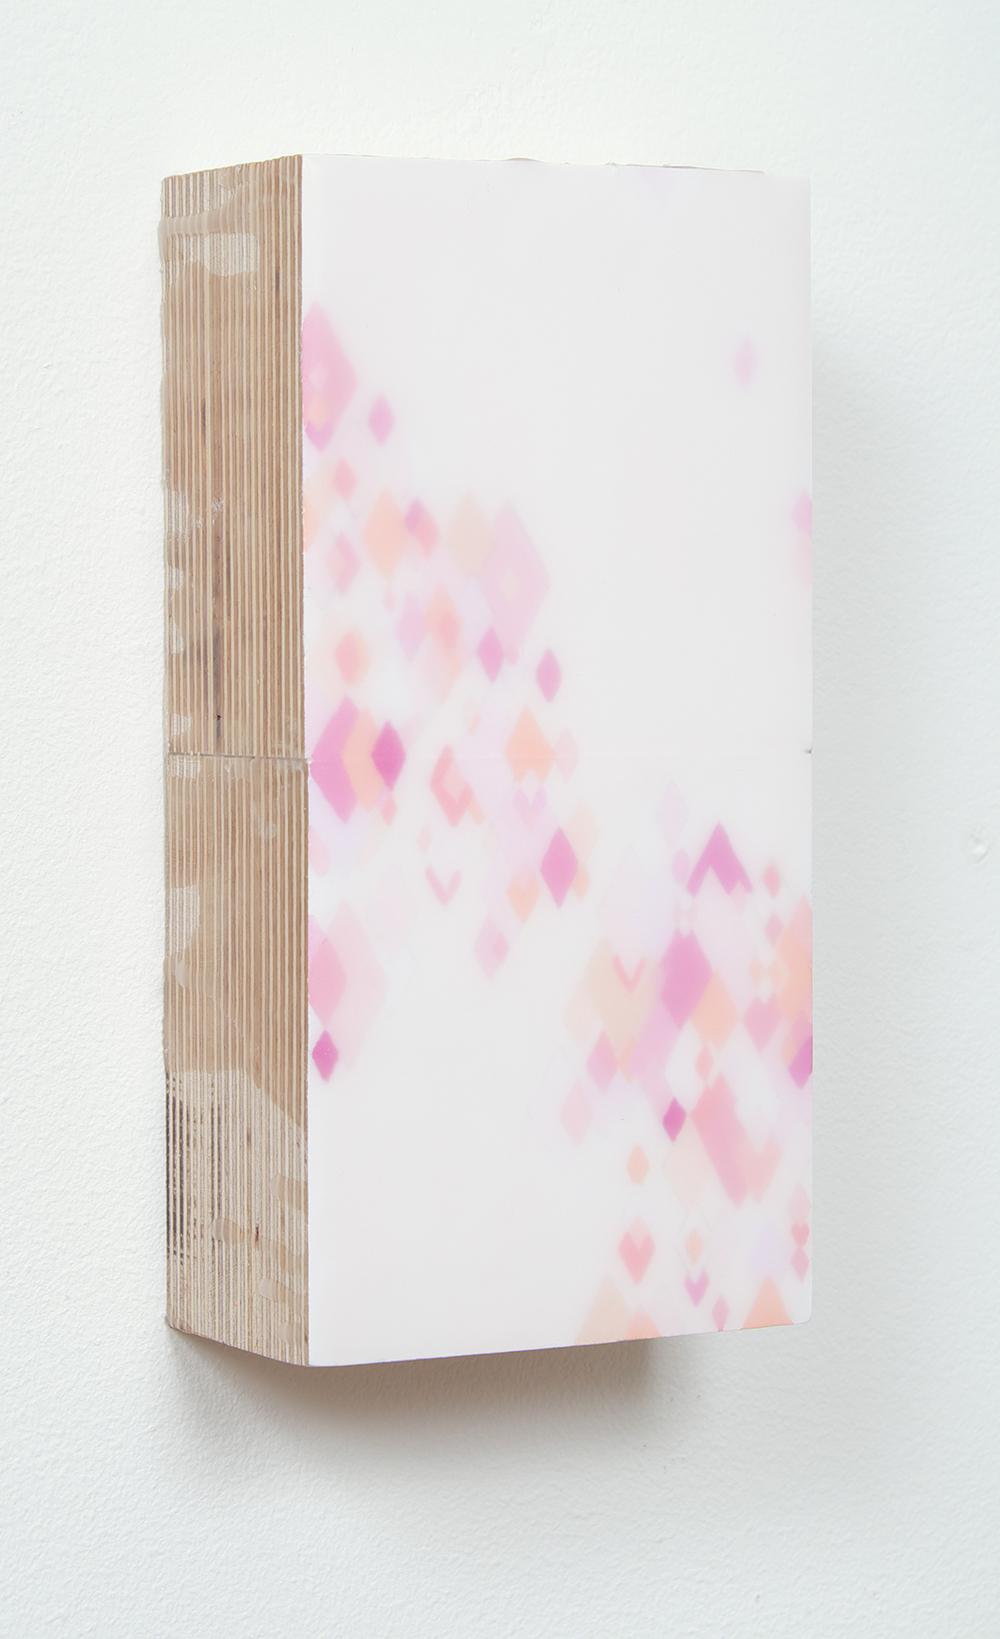 The Rose 2015  Acrylic, wax, wood. 20cmx10cmx5cm